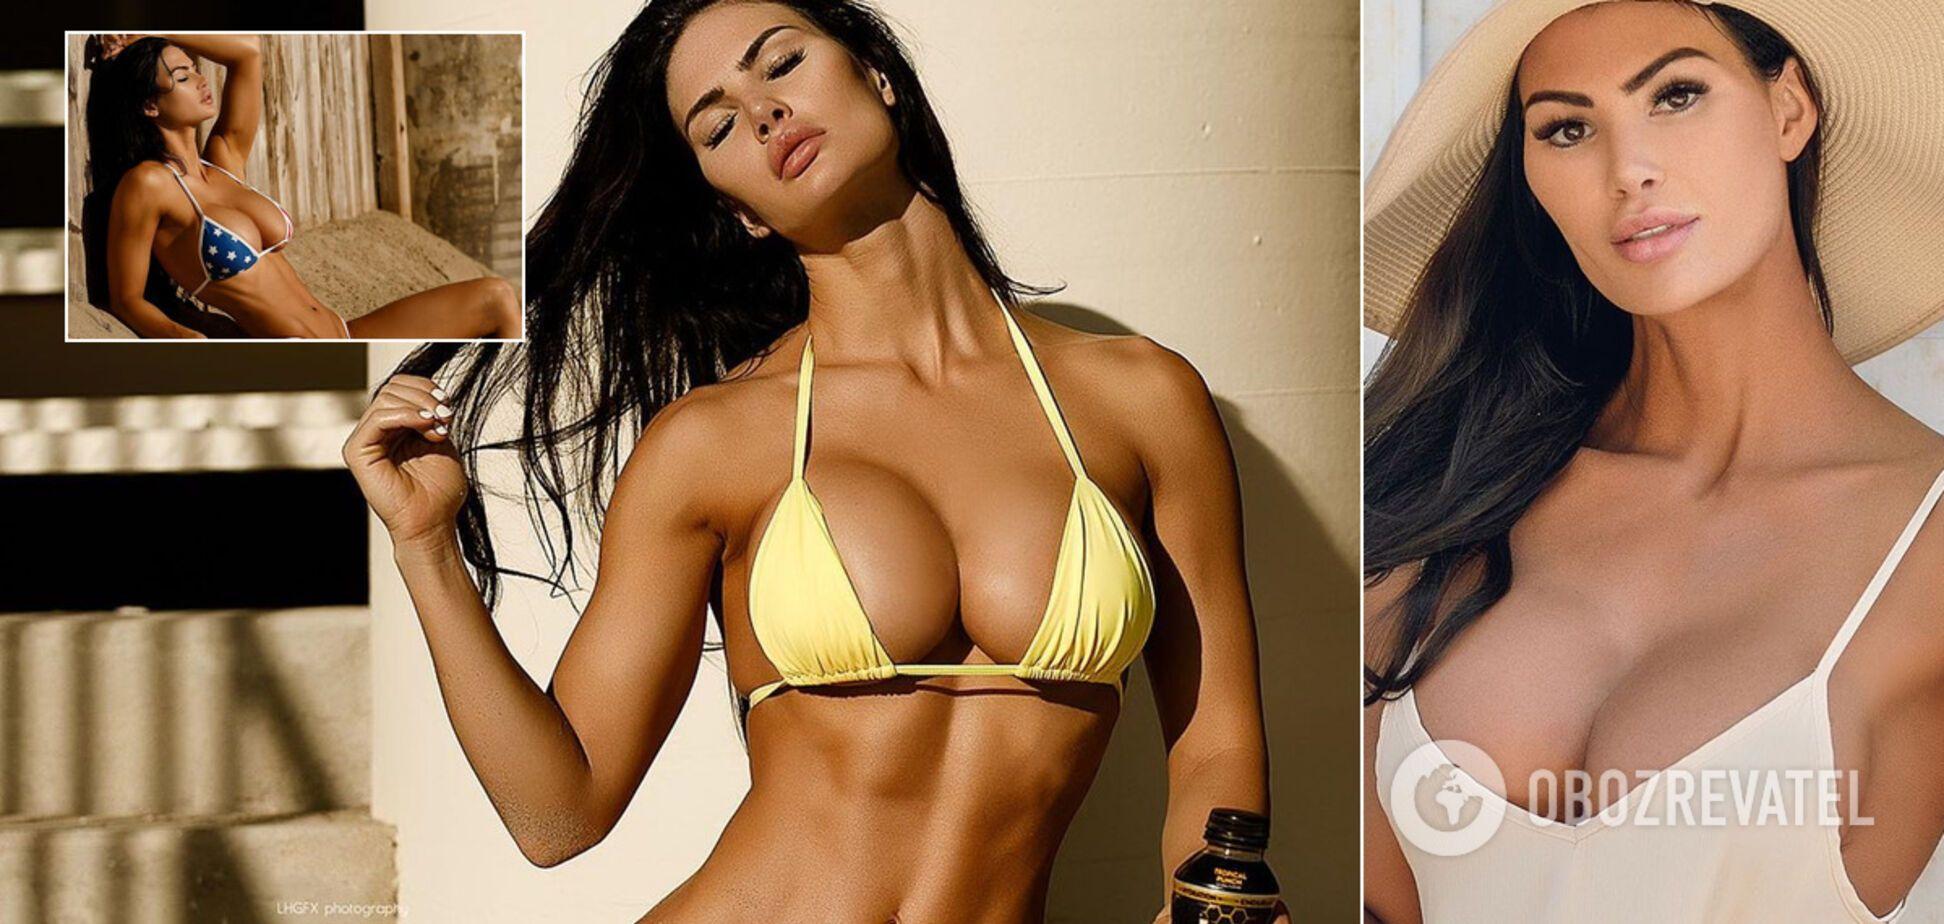 Фитнес-модель Кейтлин Ранк снялась обнаженной, поразив идеальным бюстом